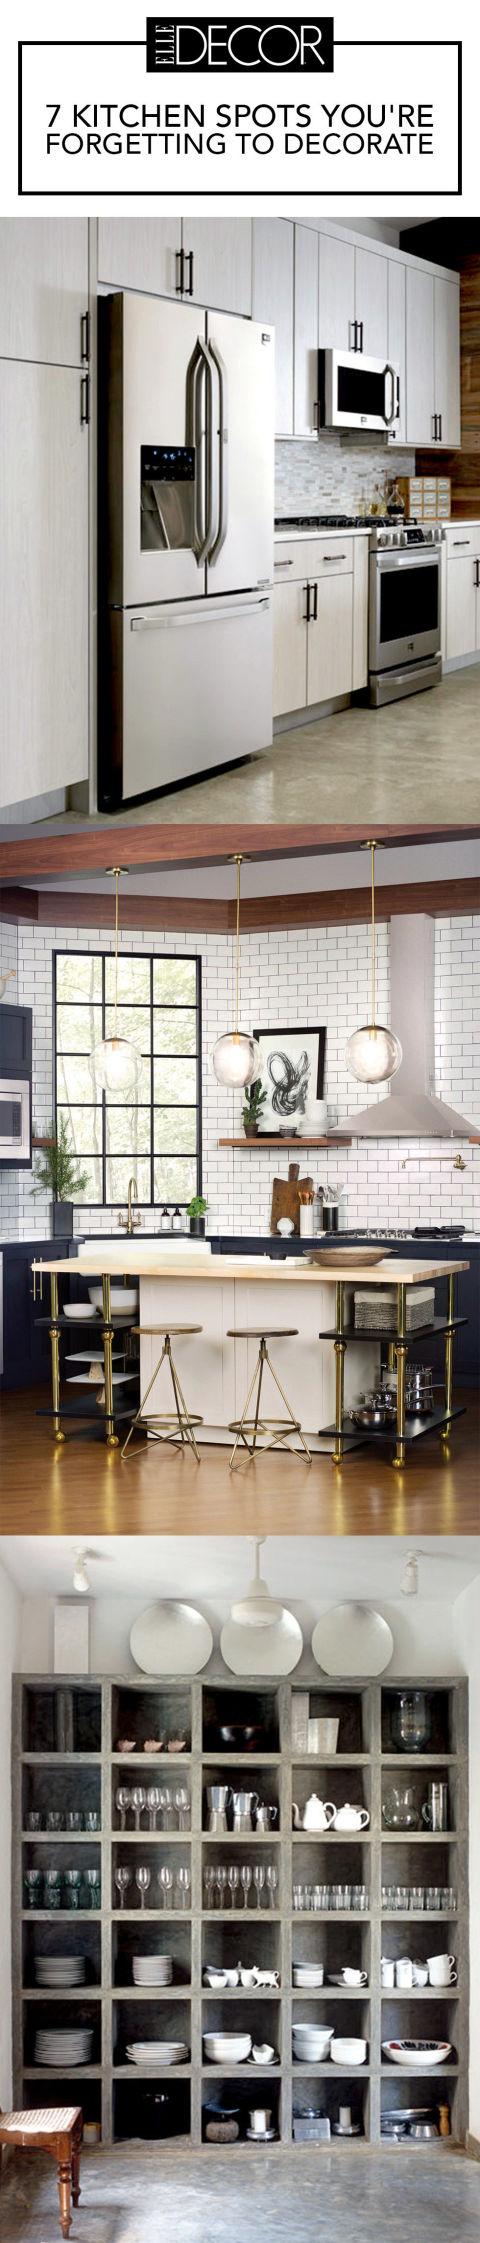 7 Surprising Ways To Decorate Your Kitchen Kitchen